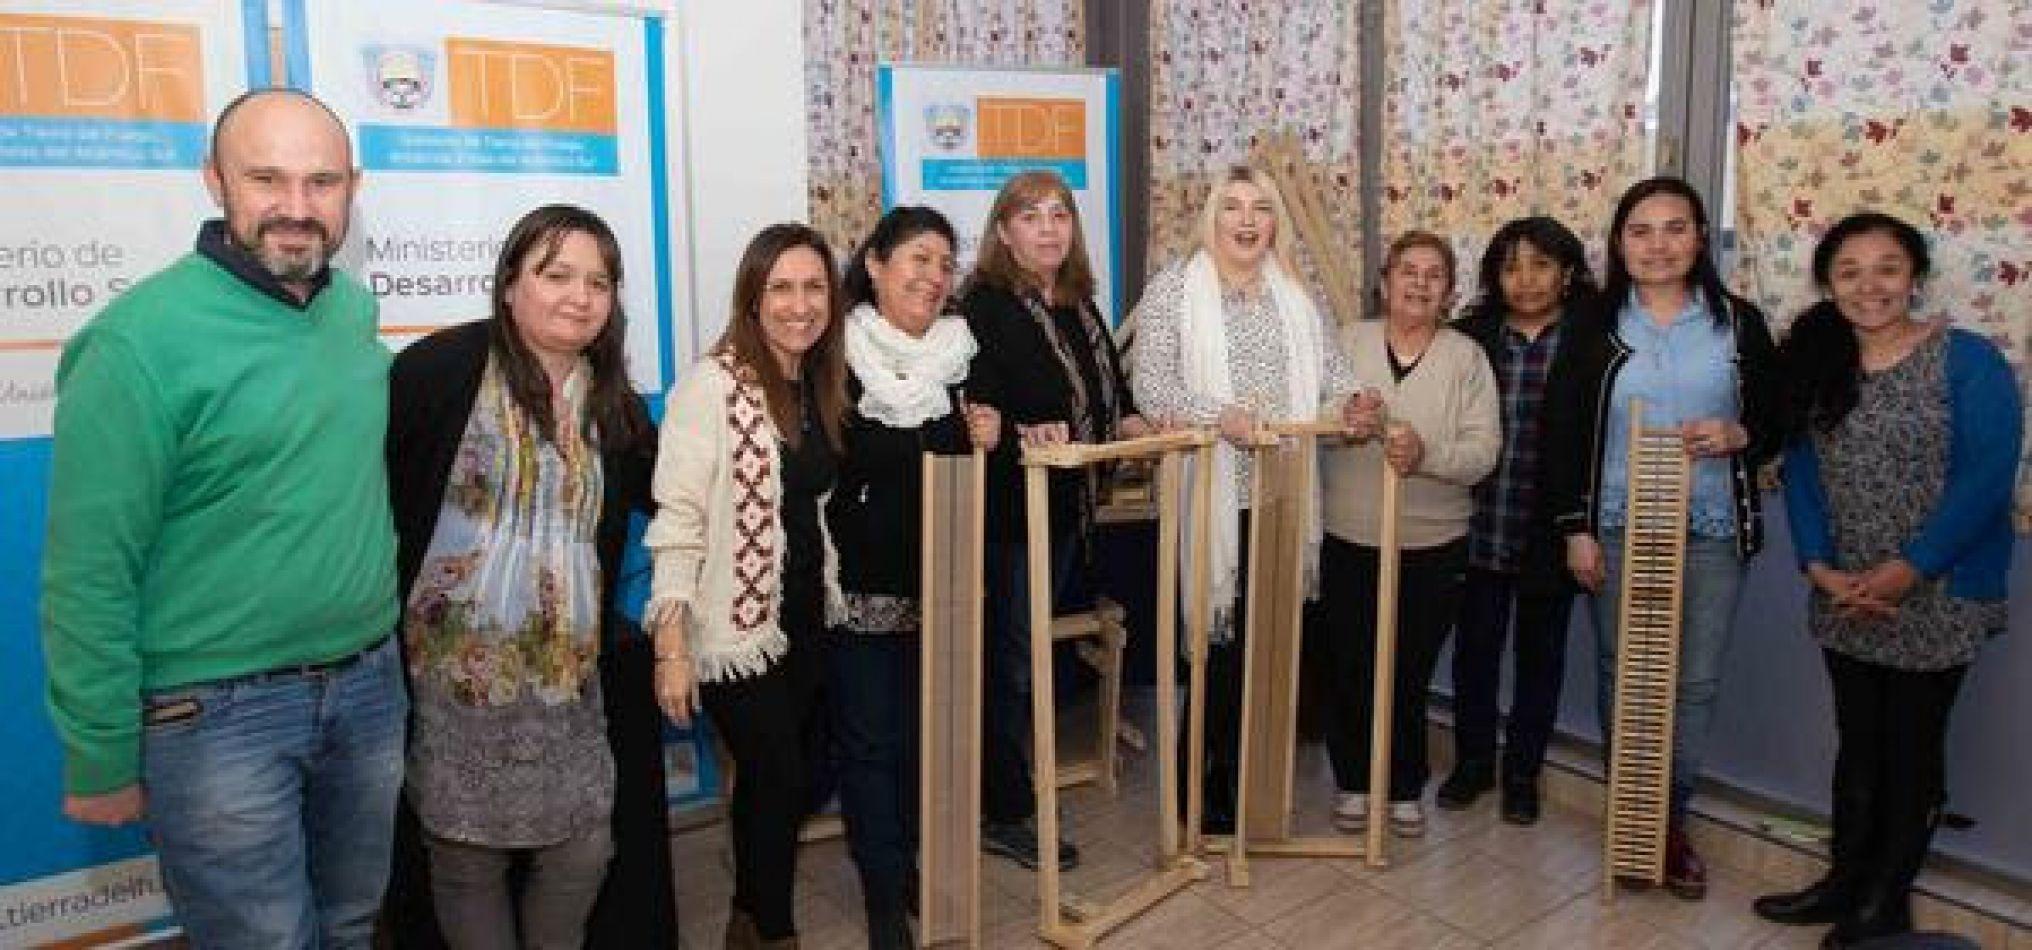 """Grupo """"Hilanderas y tejedoras de Tierra del Fuego"""" junto a la Gobernadora Rosna Bertone"""